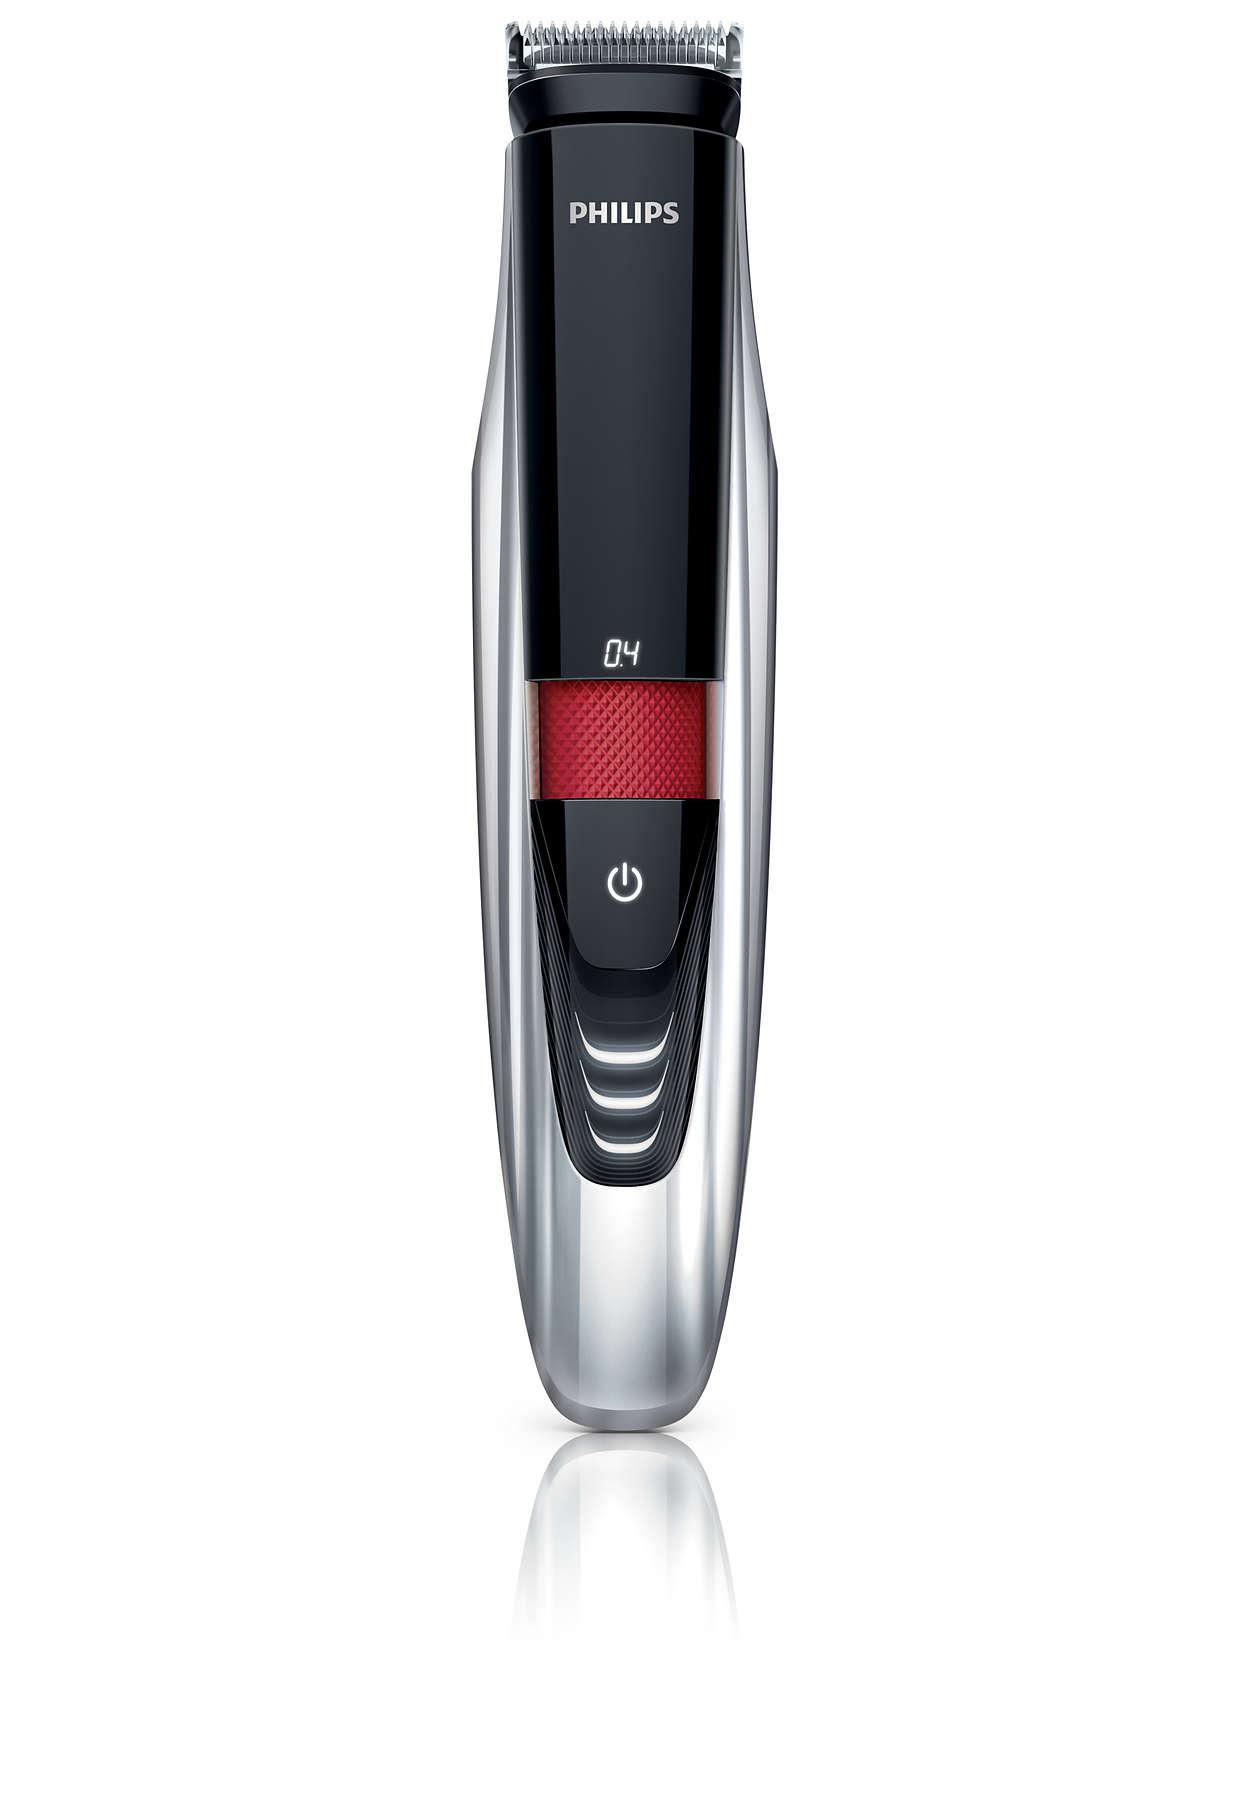 Høyeste presisjon med verdens eneste skjeggtrimmer med laserguide